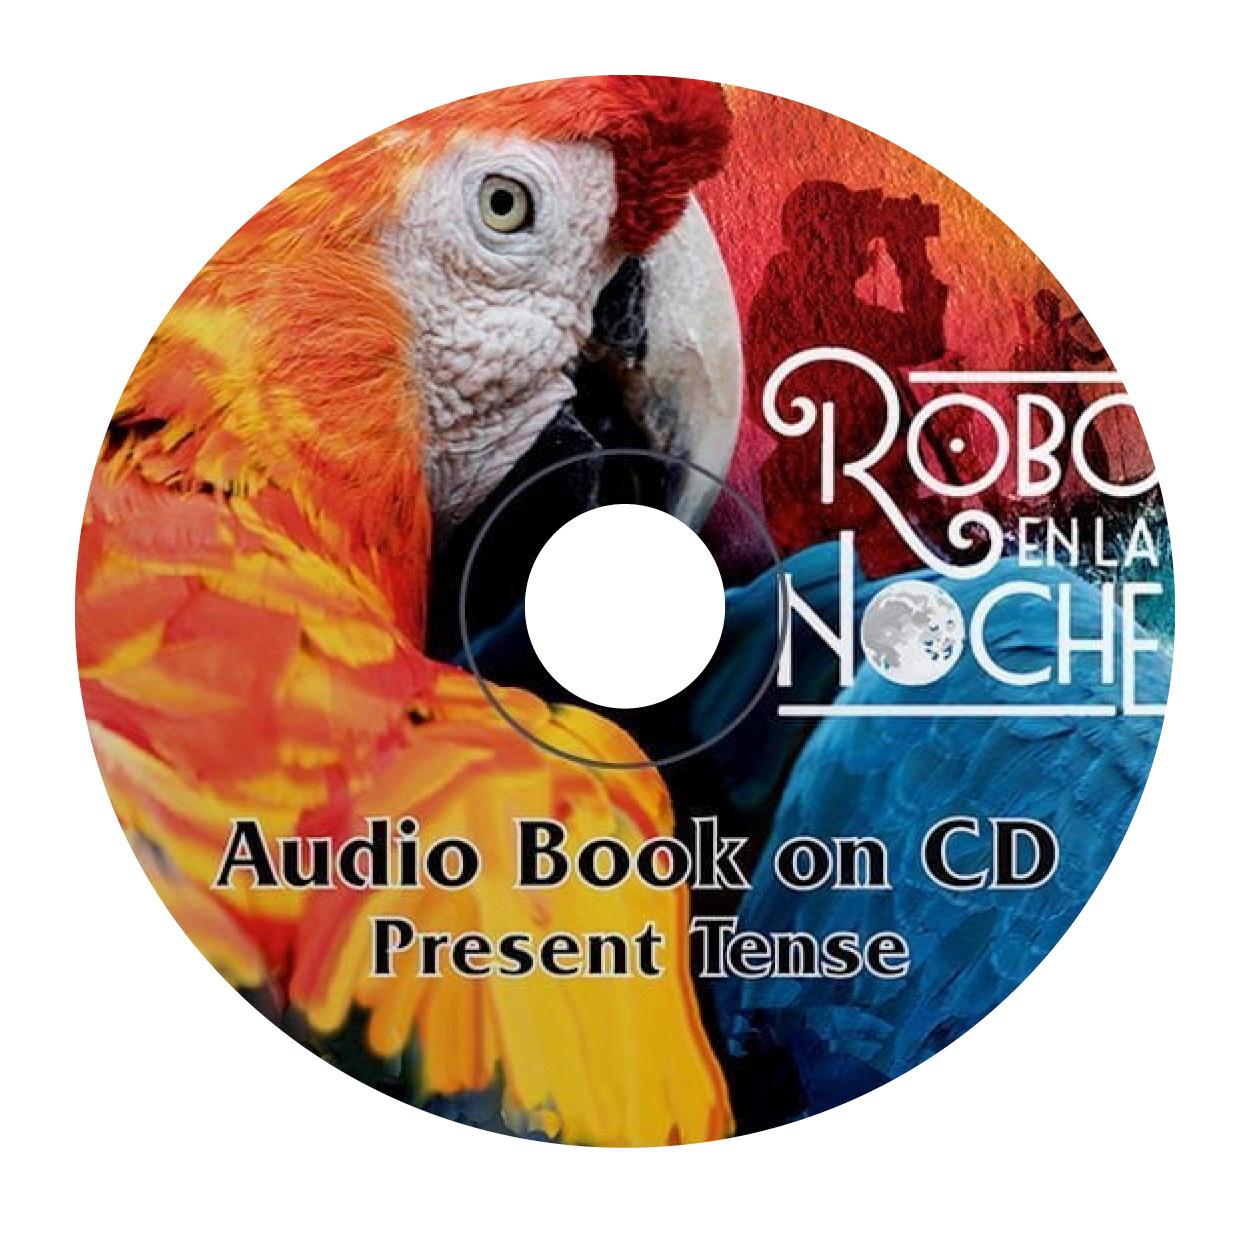 Robo en la noche - Luisterboek